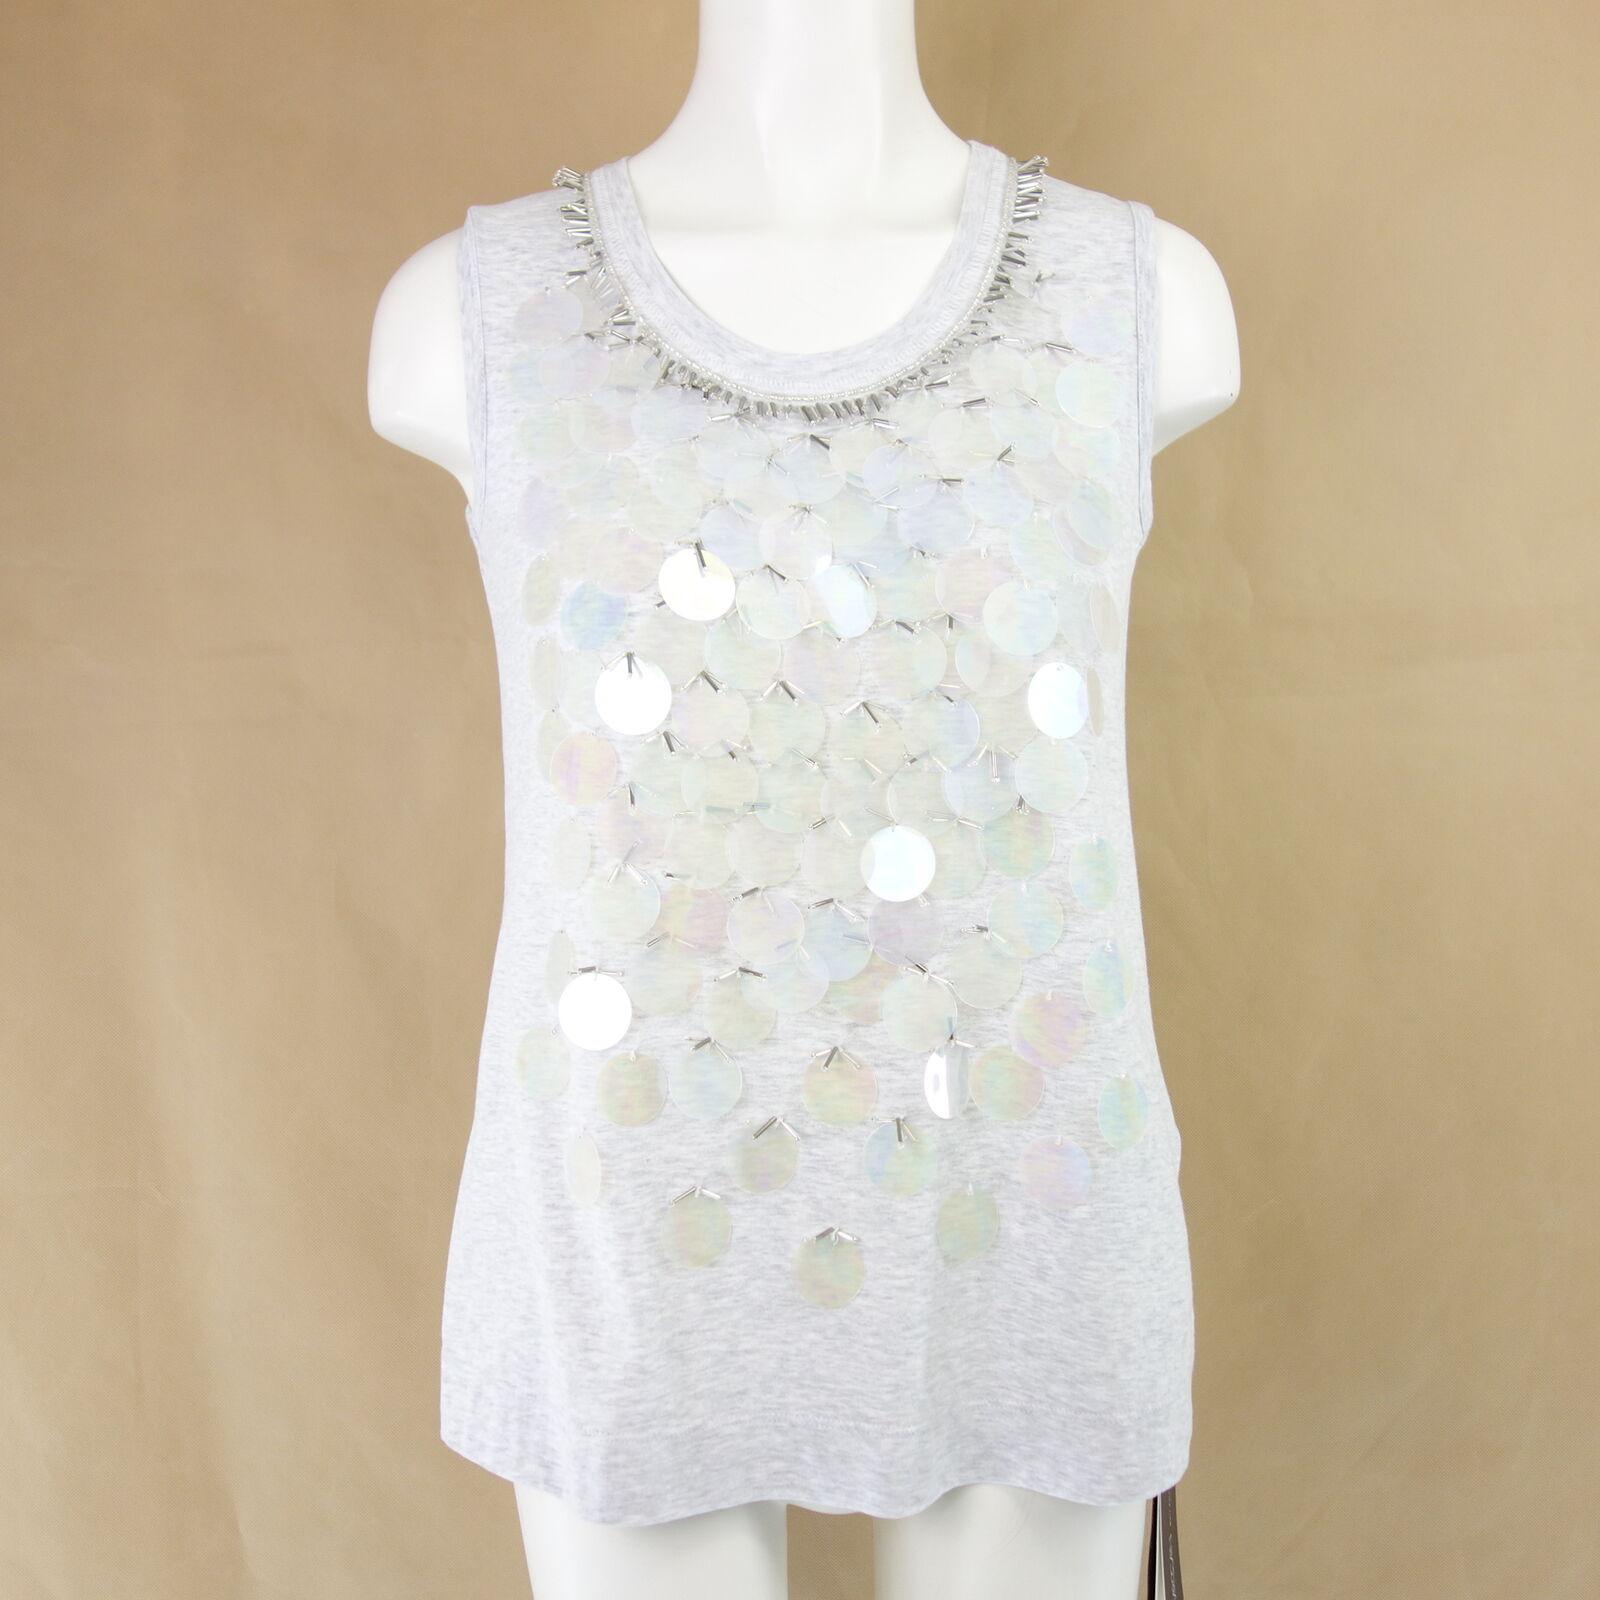 MARC CAIN Shirt Top GS6104 Gr N1 34 Grau Baumwolle Pailletten Damen NP 199 NEU